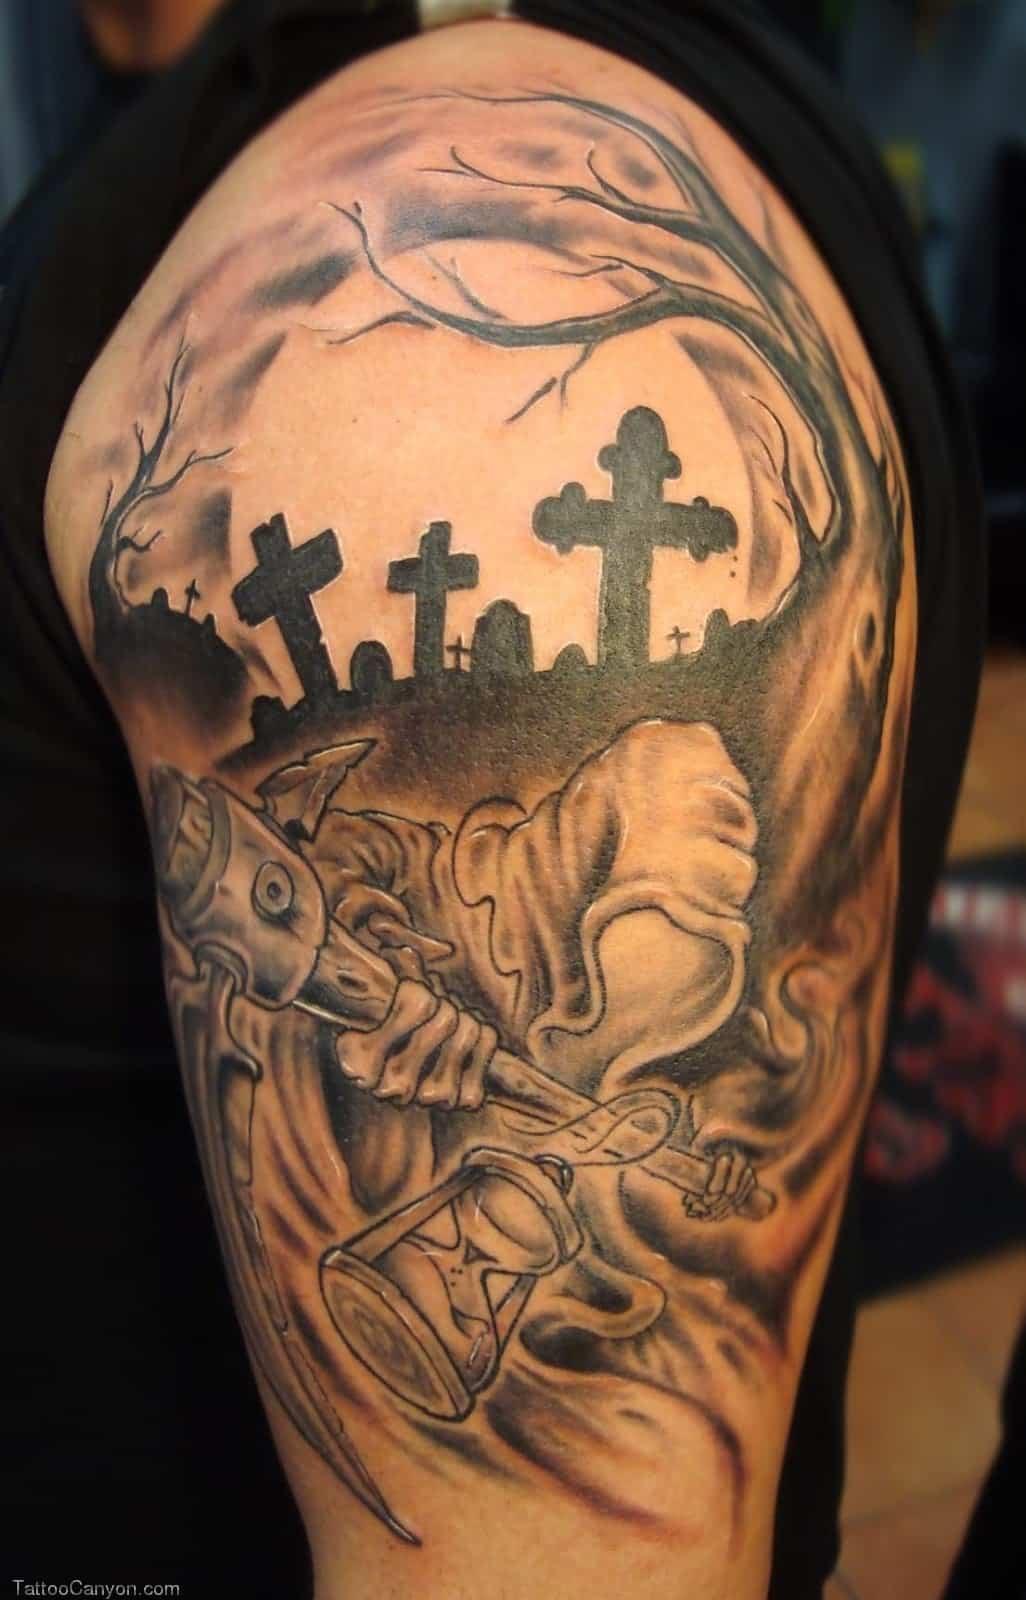 Tattoo For Men Arm Best Tattoo Ideas